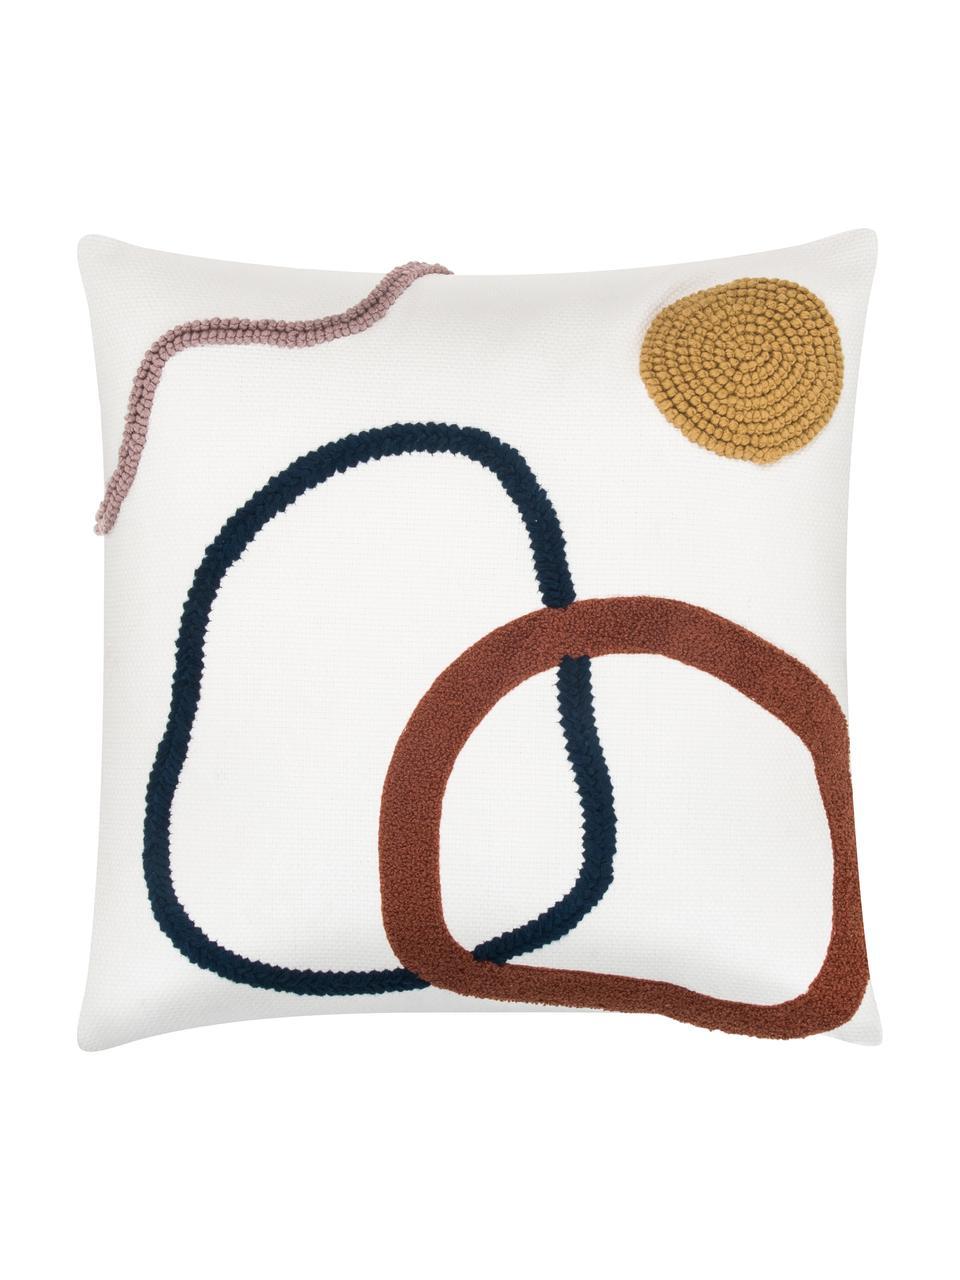 Poszewka na poduszkę Pablo, 100% bawełna, Przód: wielobarwny Tył: biały, S 45 x D 45 cm